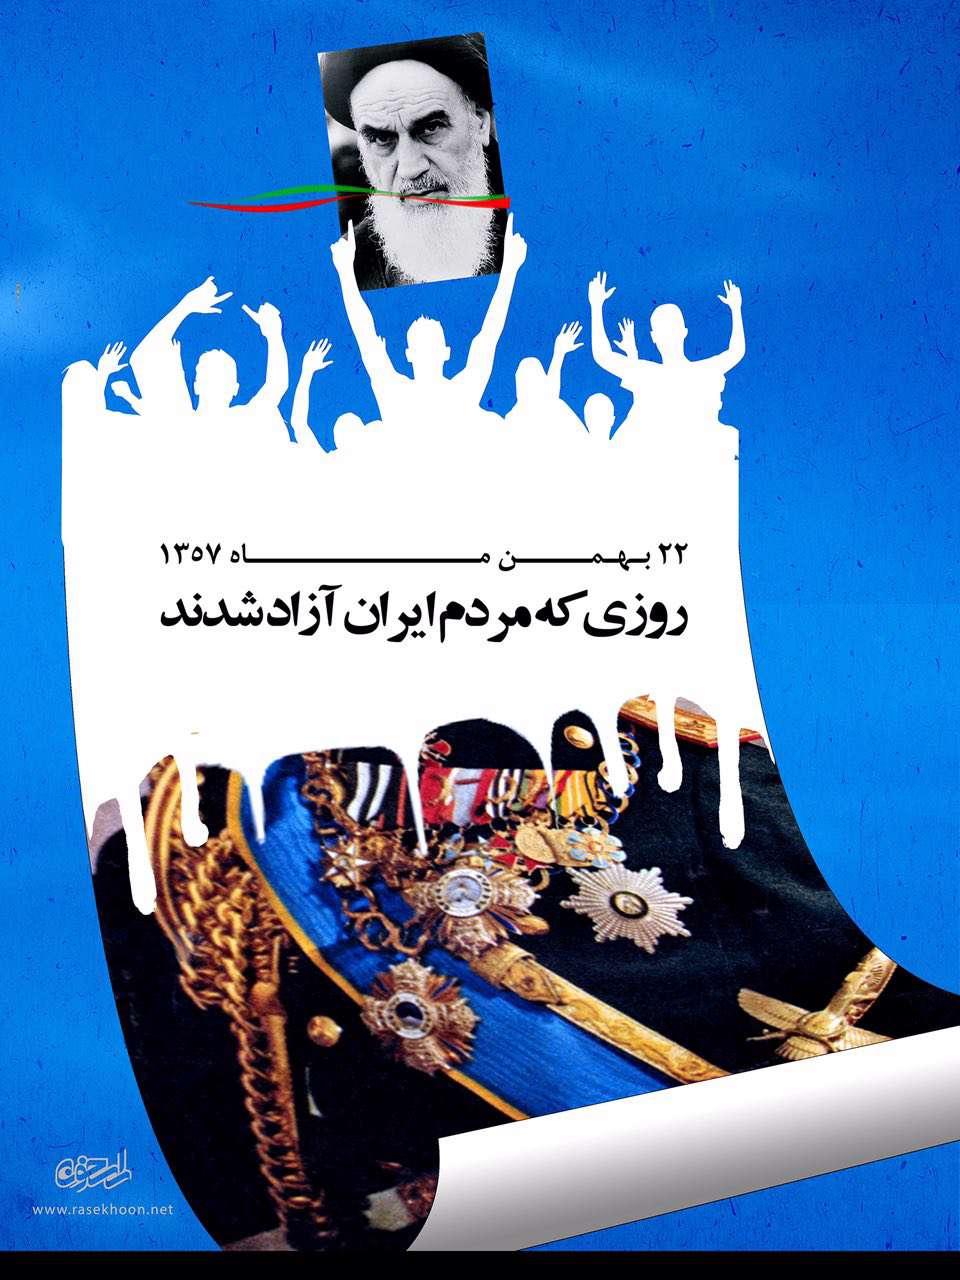 روز آزادي مردم ايران